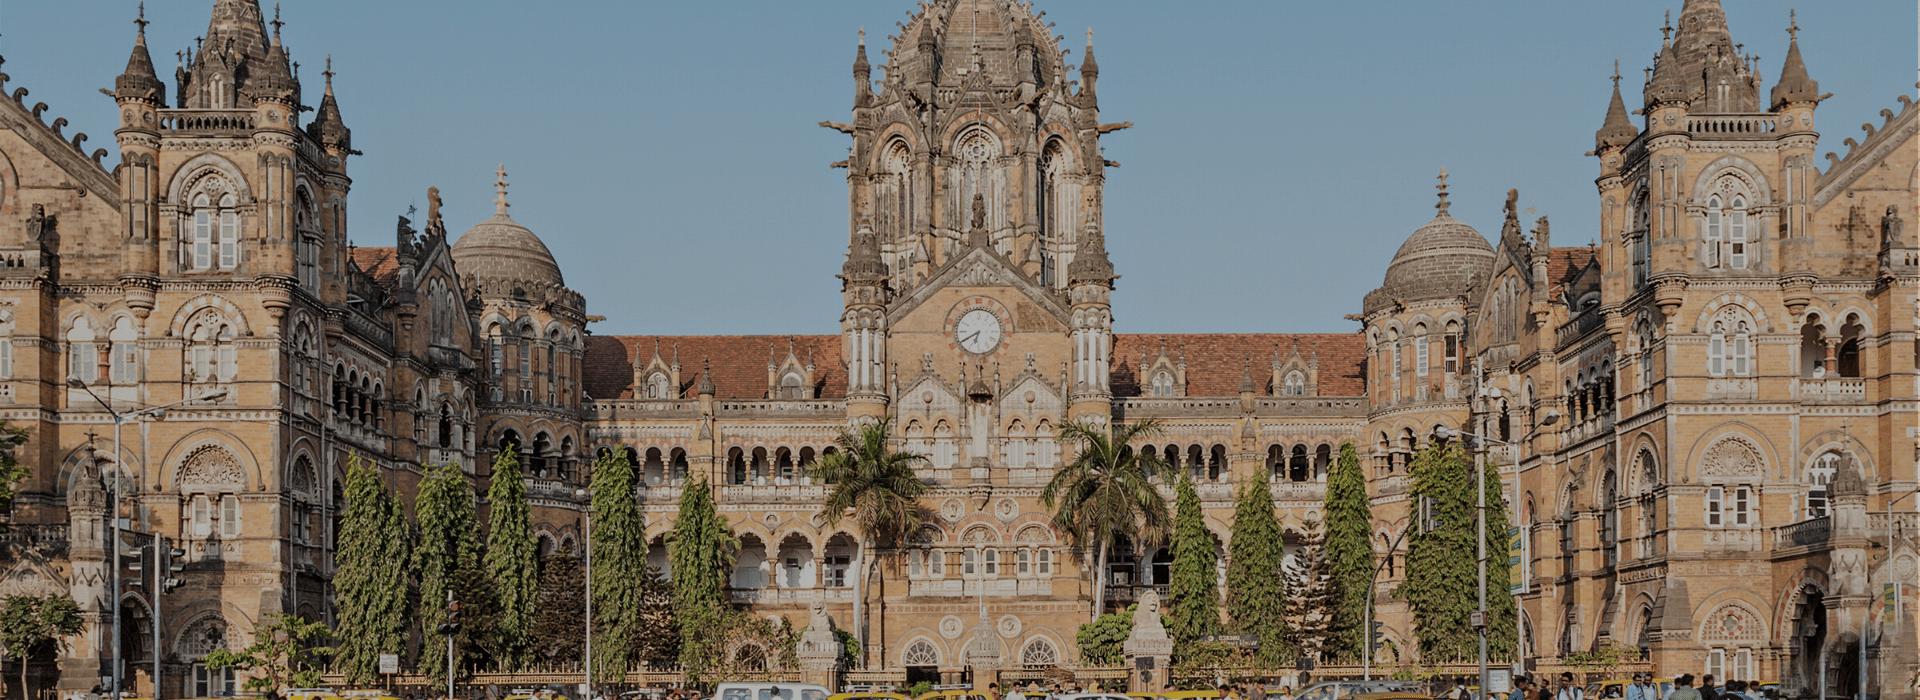 Chhatrapati Shivaji Terminus ~ Mumbai